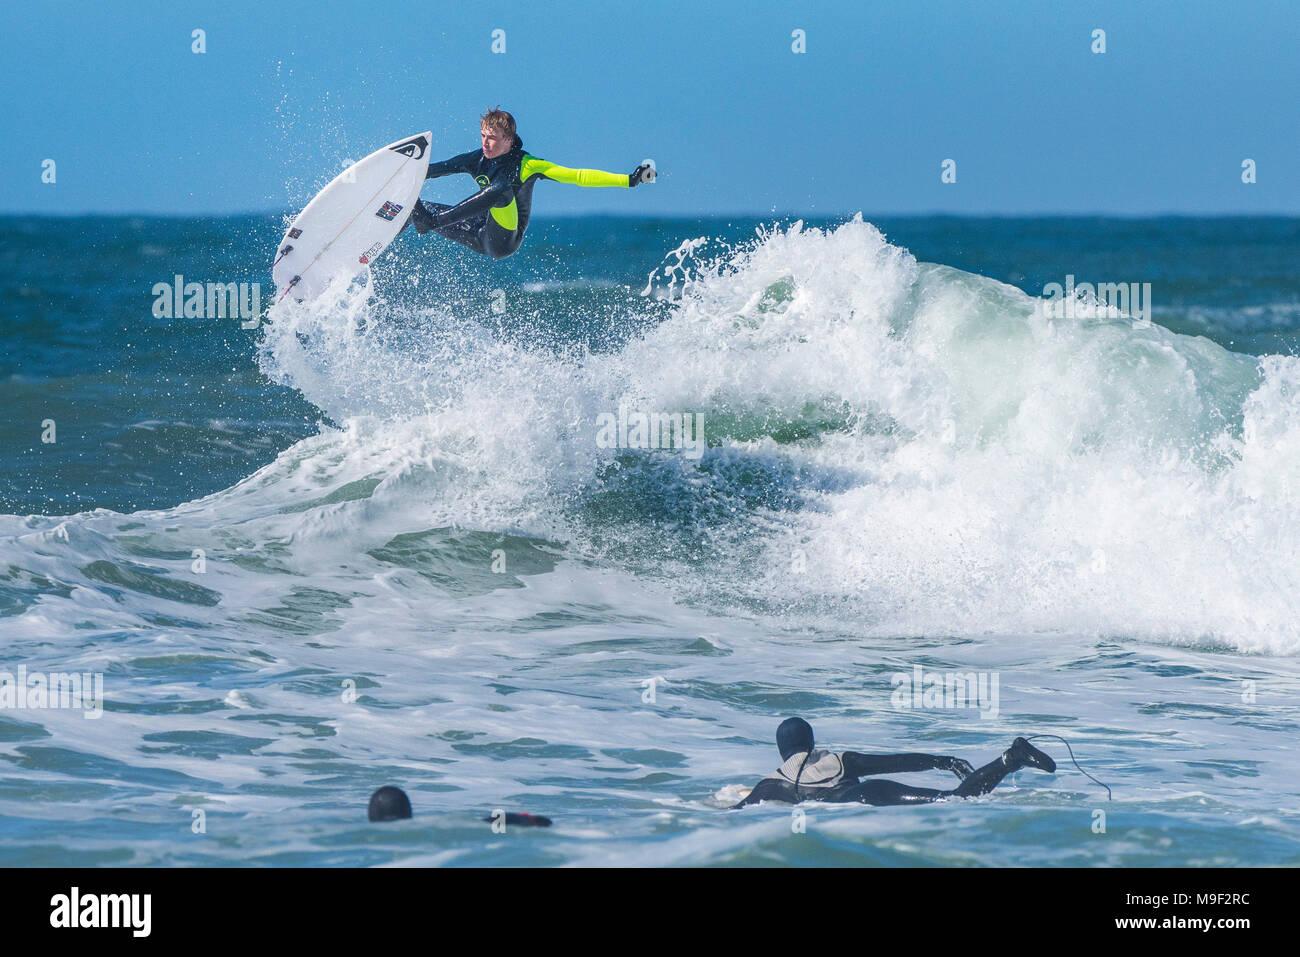 Newquay, Cornwall, Regno Unito. Xxv Marzo 2018. Superba condizioni meteo portato fuori spettacolare azione di surf a Fistral in Newquay, Cornwall. Credito: Gordon Scammell/Alamy Live News Foto Stock